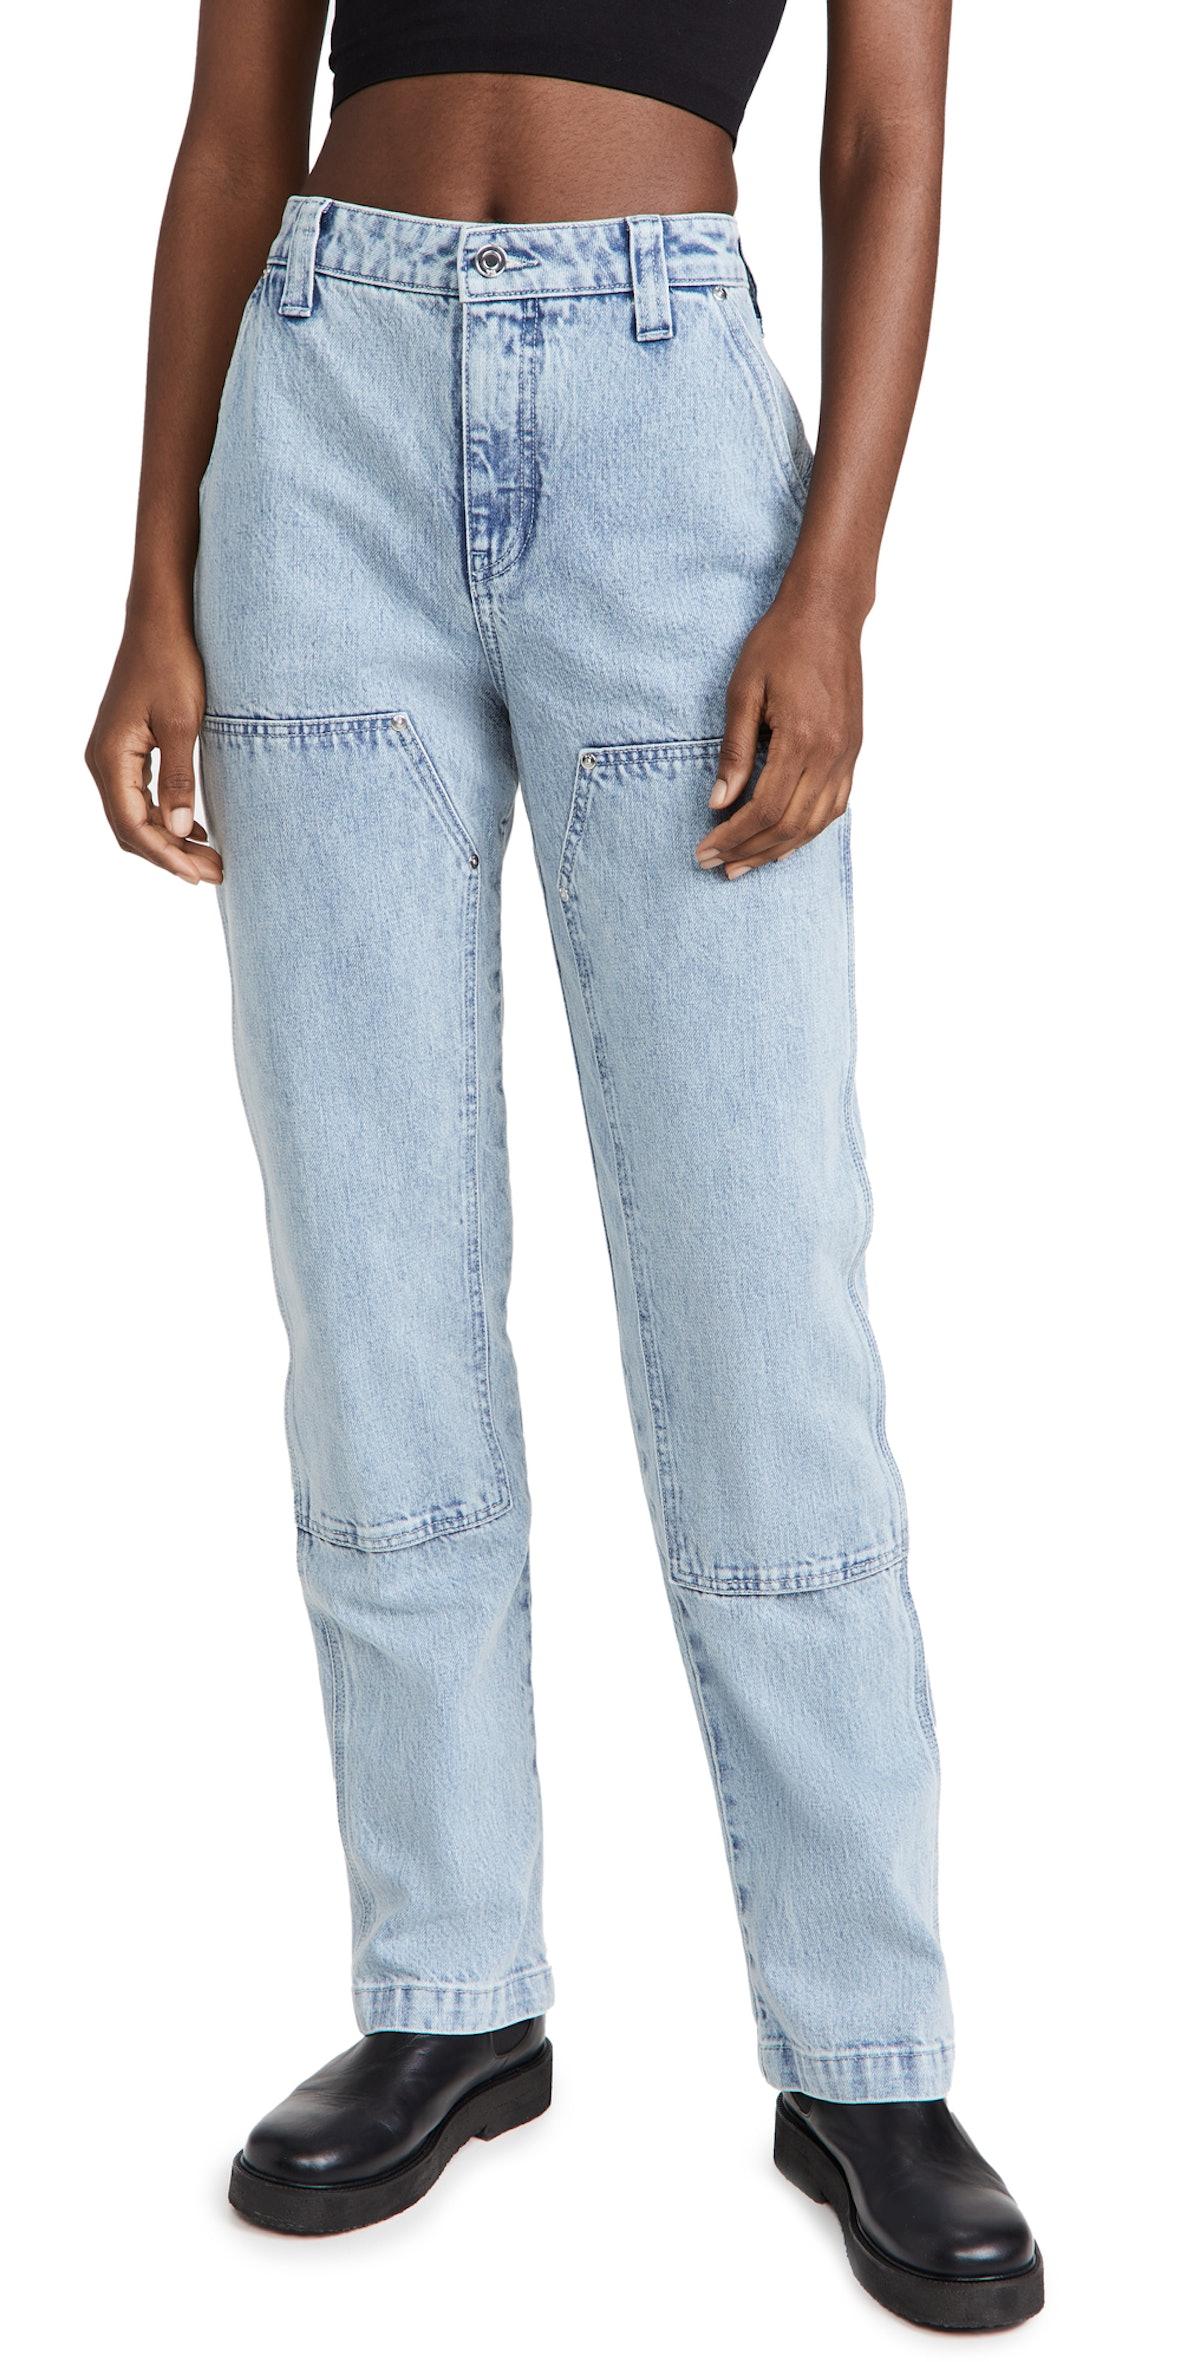 Women's Jaya Jeans